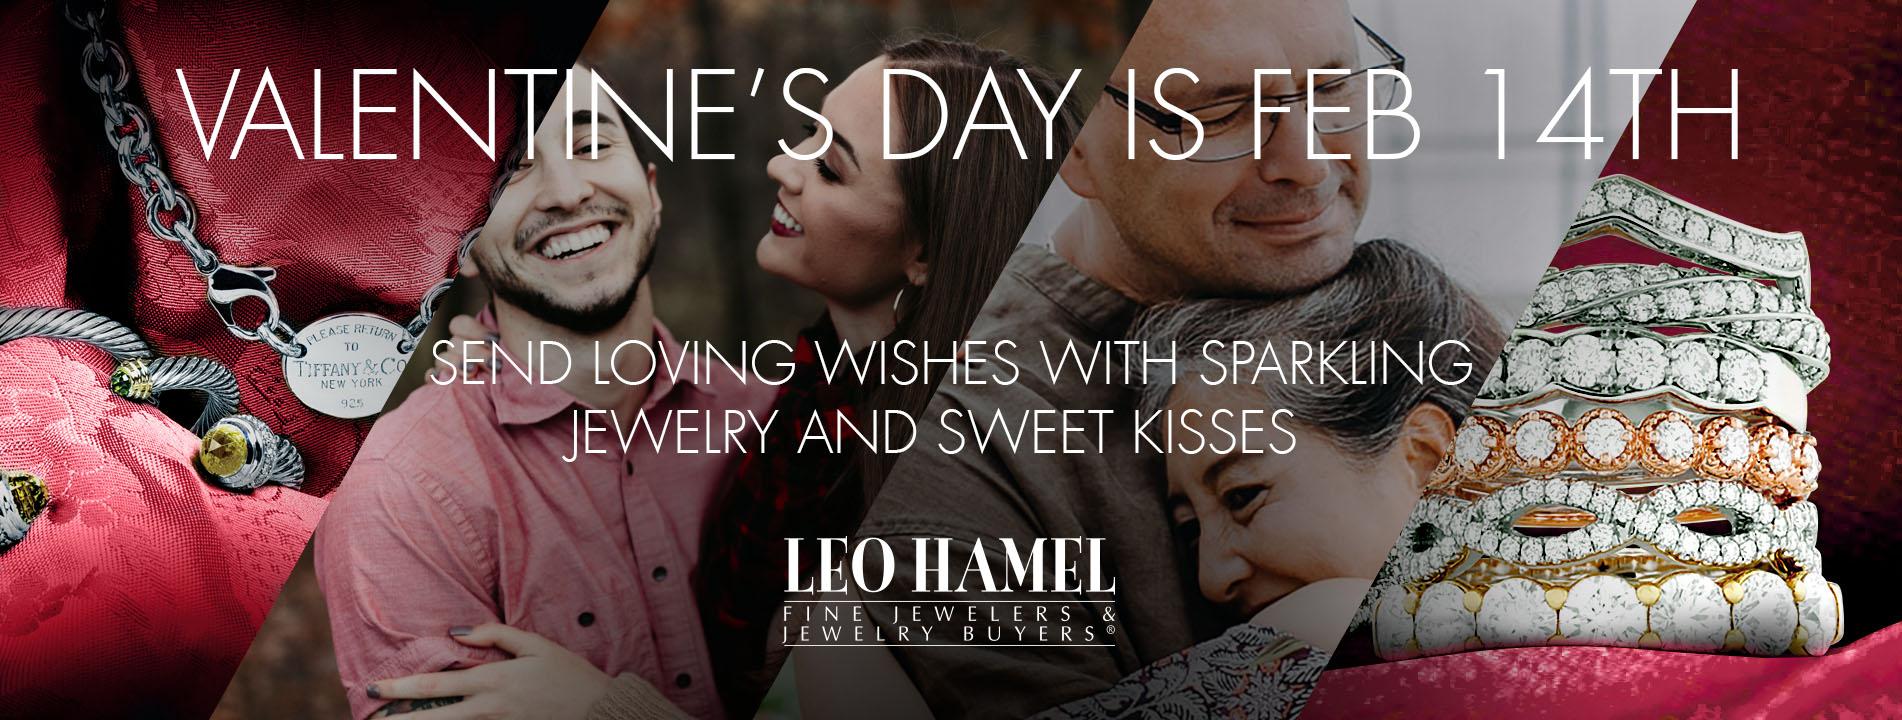 Leo Hamel Fine Jewelers Valentines 2018